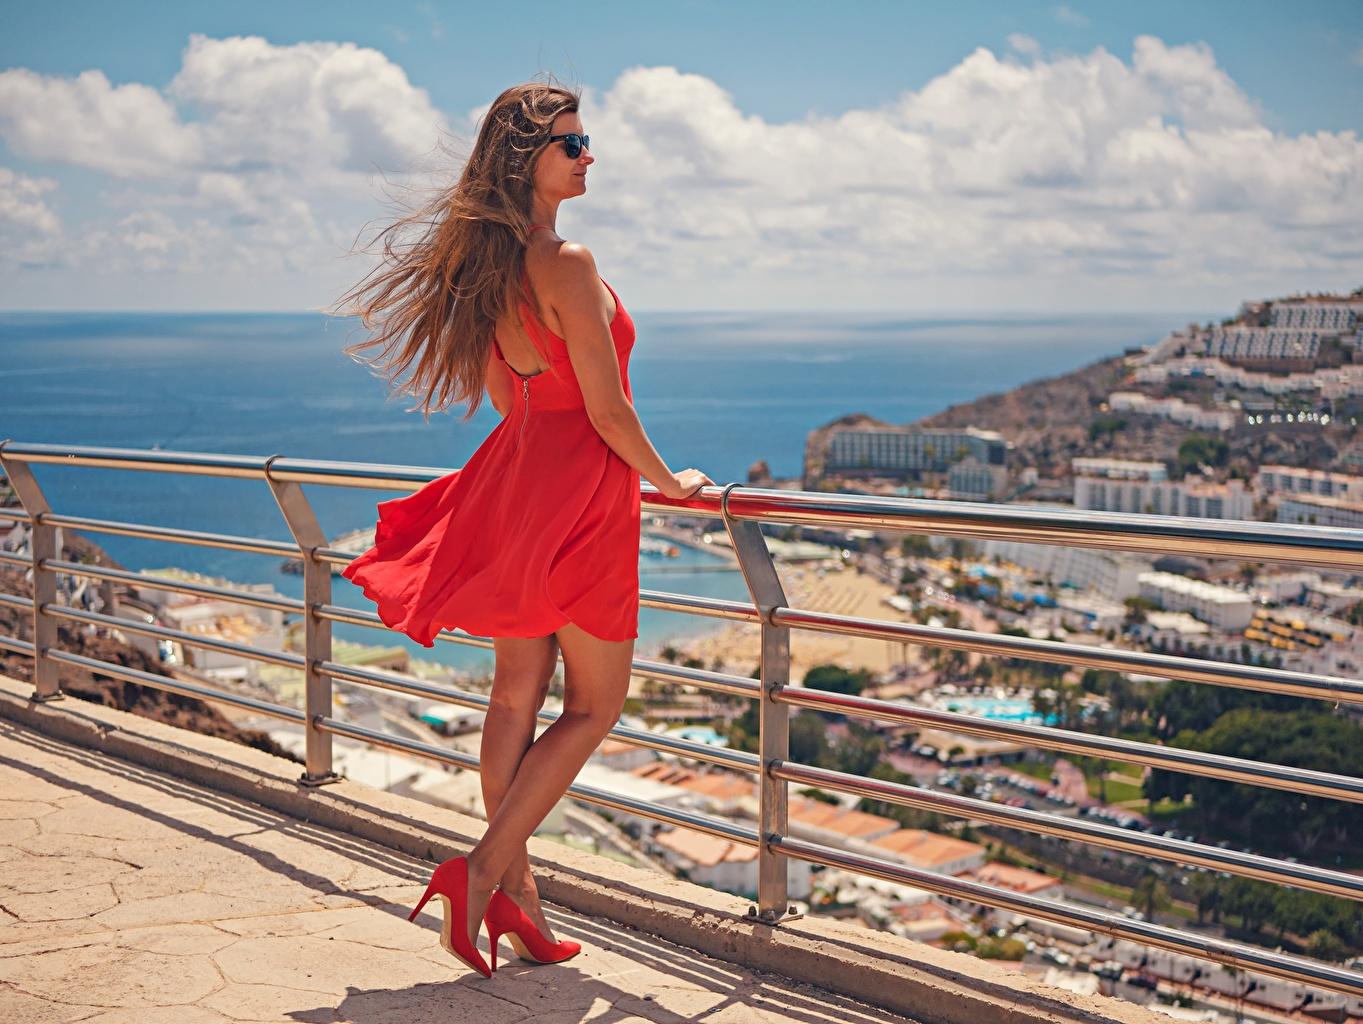 Картинки Канары Испания шатенки Ветер Gran Canaria красных молодая женщина забором очках Платье туфлях канарские острова Шатенка ветром ветрено красная красные Красный девушка Девушки молодые женщины Забор ограда забора Очки очков платья Туфли туфель